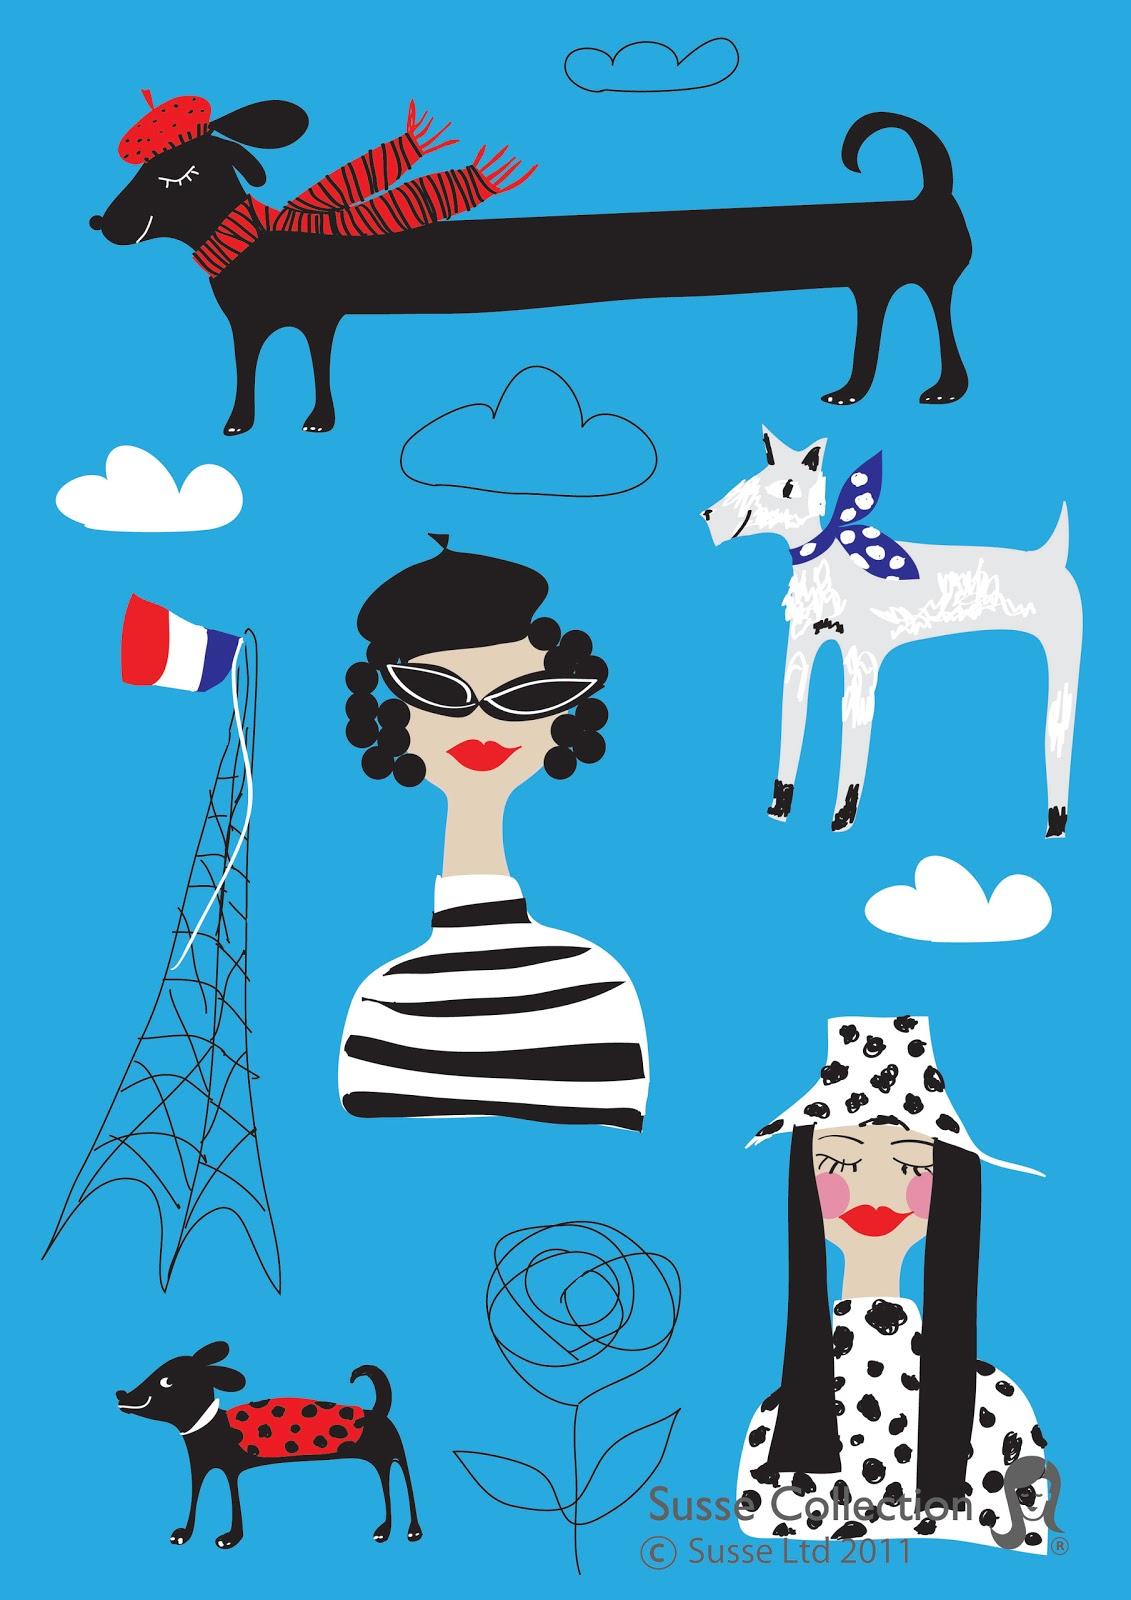 http://3.bp.blogspot.com/-2DPBUr8riNs/TrP6IjCoZlI/AAAAAAAACfU/h6v6VRAiLh0/s1600/Paris+wrap.jpg